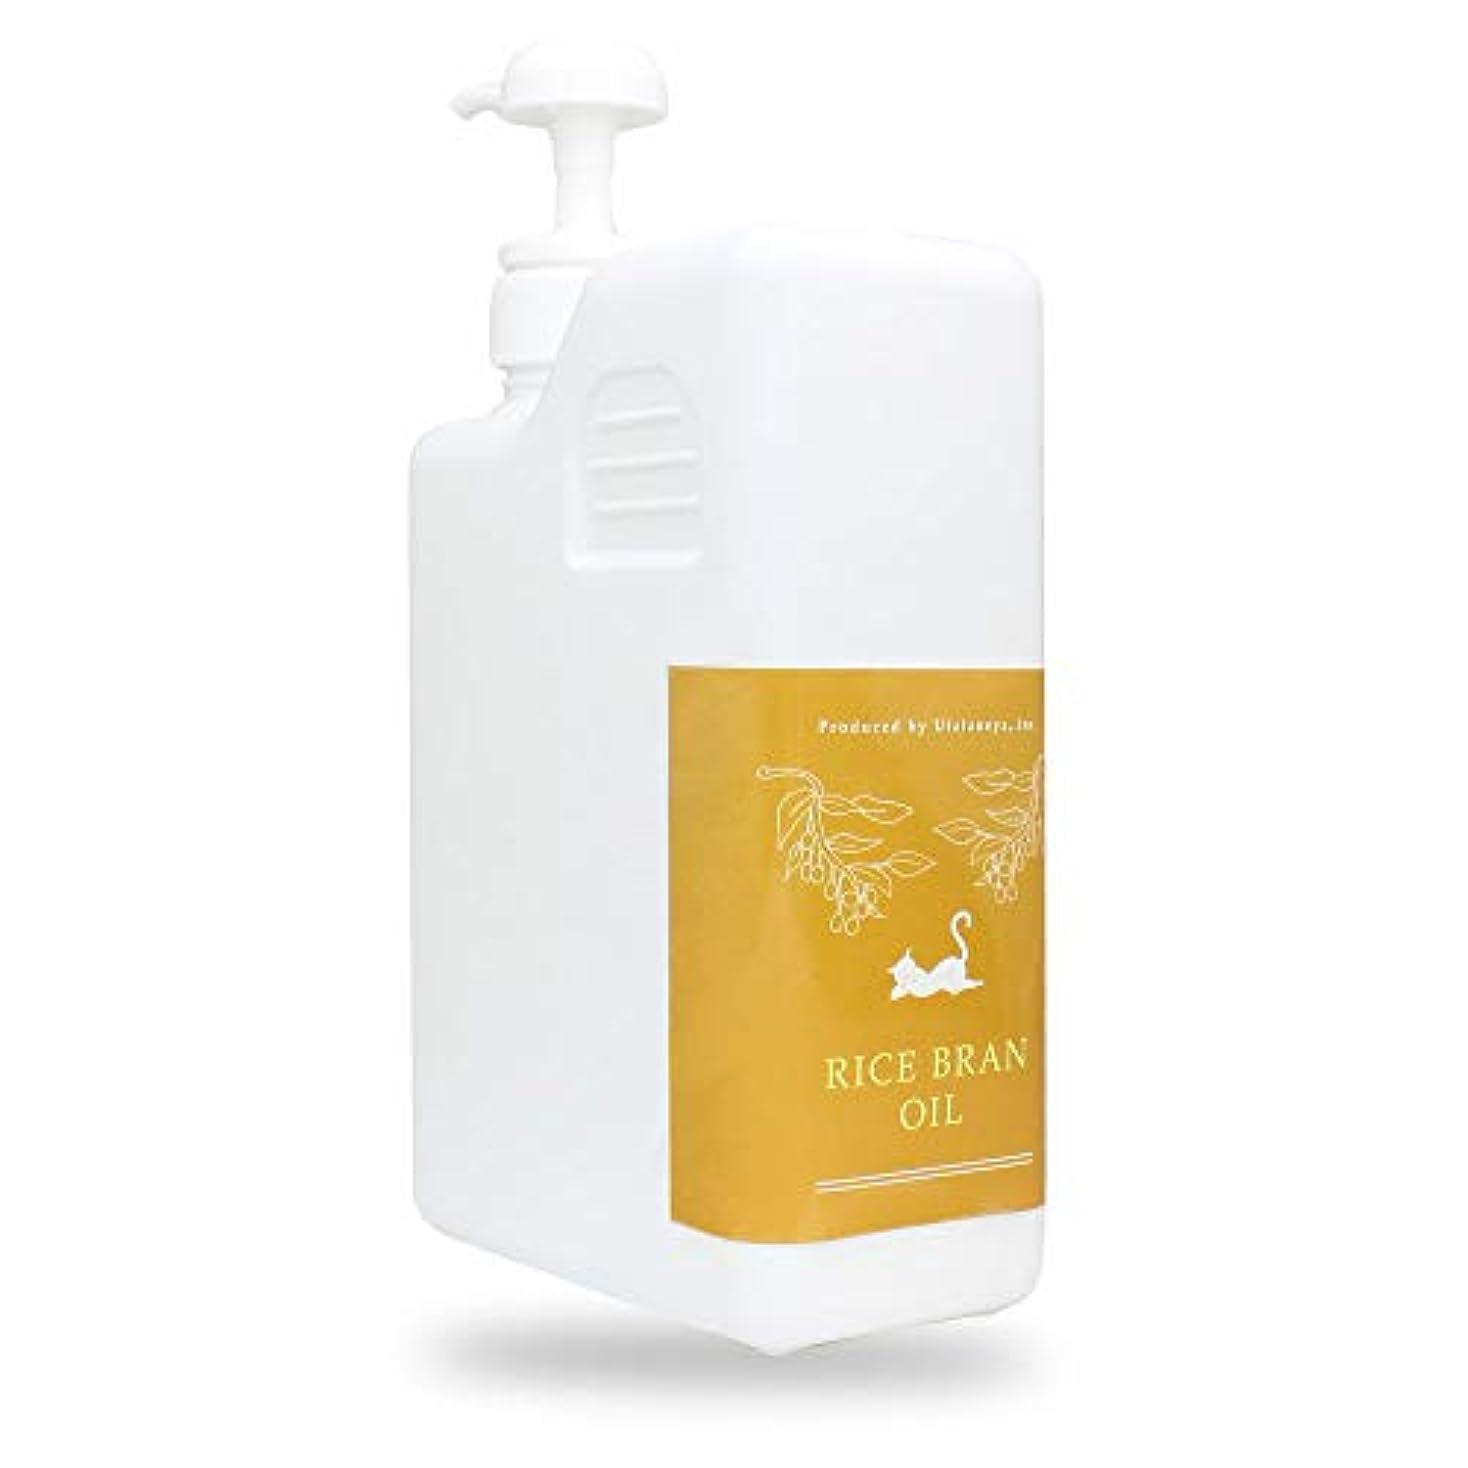 登場ミルク渇きライスブランオイル1000ml (ポンプ付)(米油 米ぬか油 ライスオイル) 高級サロン仕様 マッサージオイル キャリアオイル (フェイス/ボディ用) 業務用?大容量